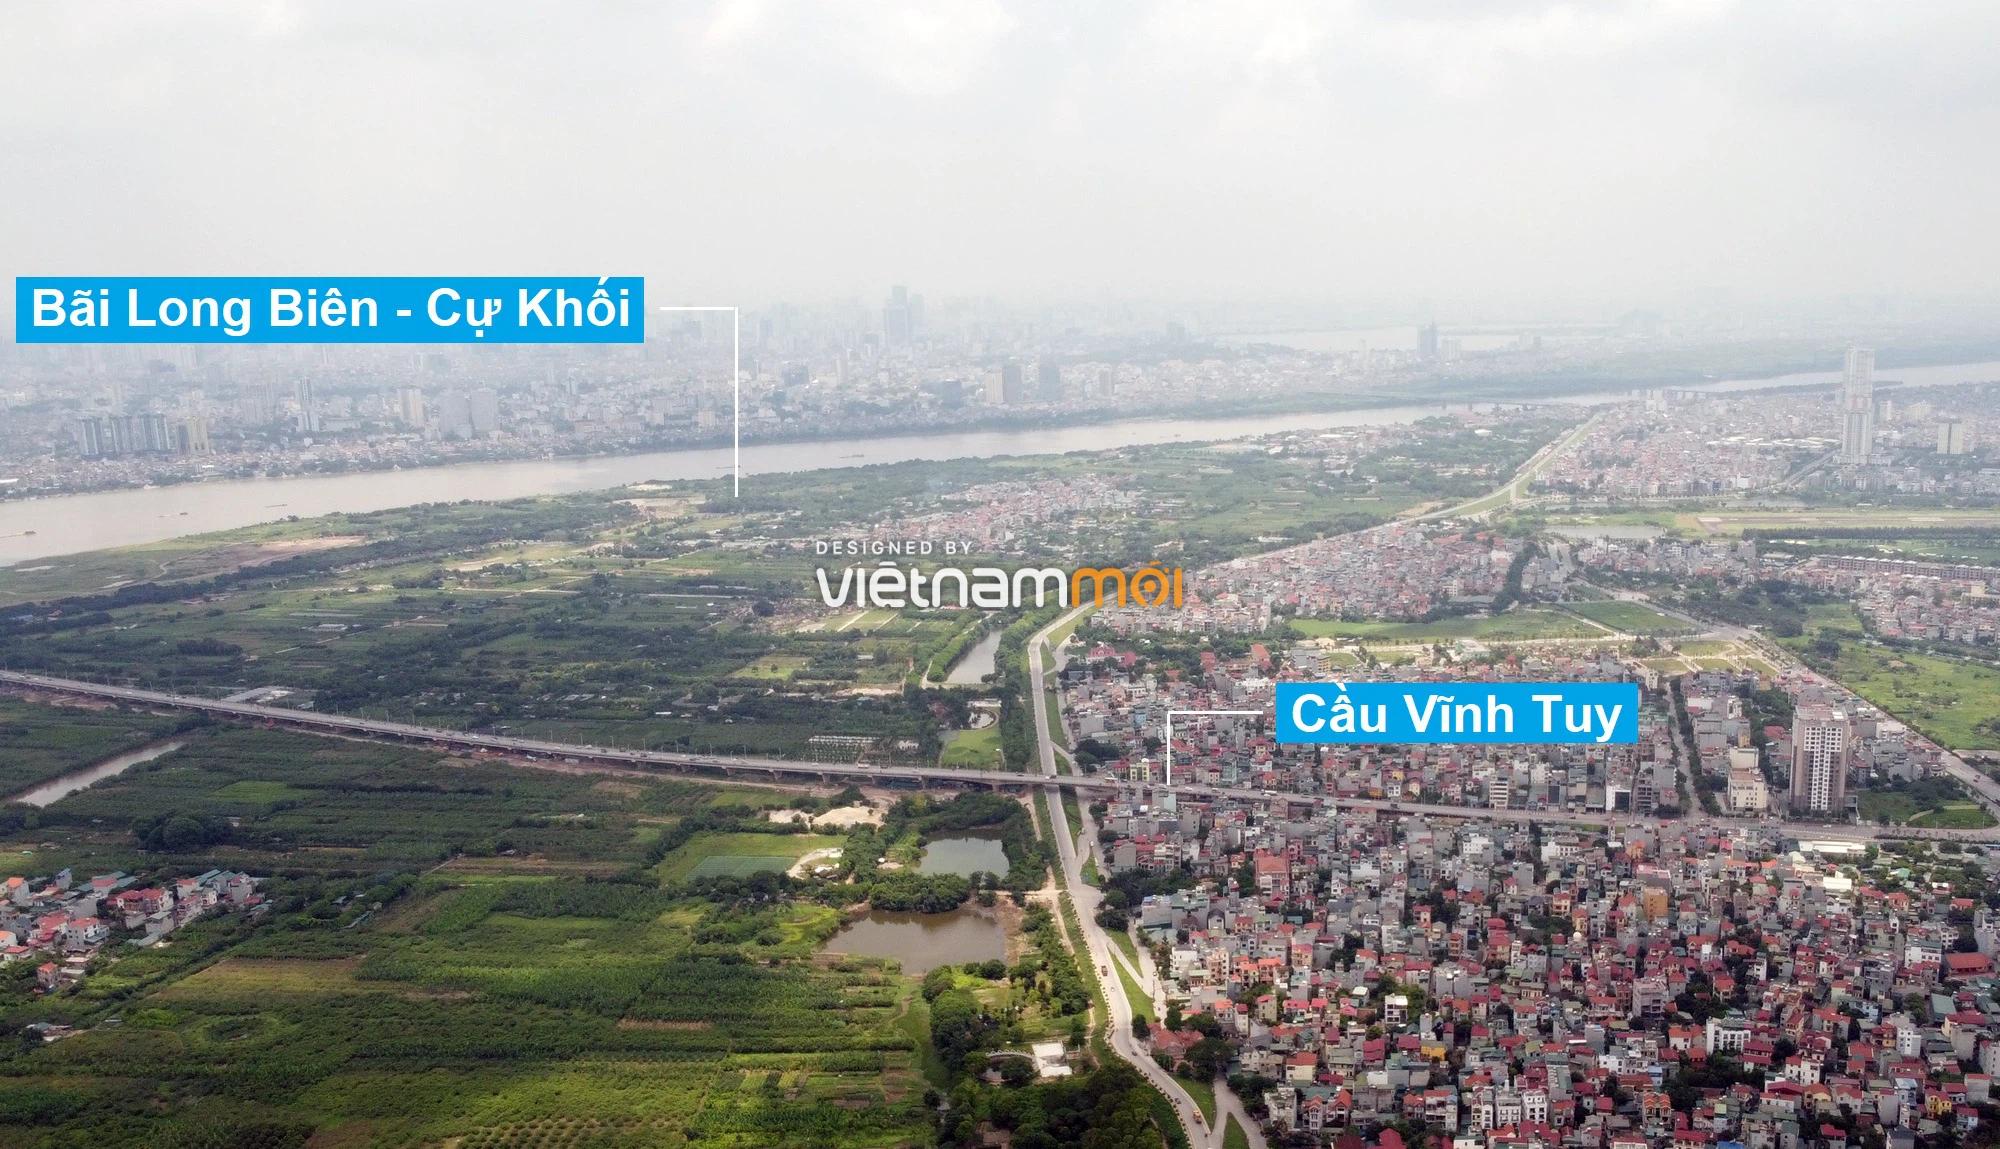 Hà Nội: Toàn cảnh hai bãi sông Hồng được phép xây dựng - Ảnh 11.